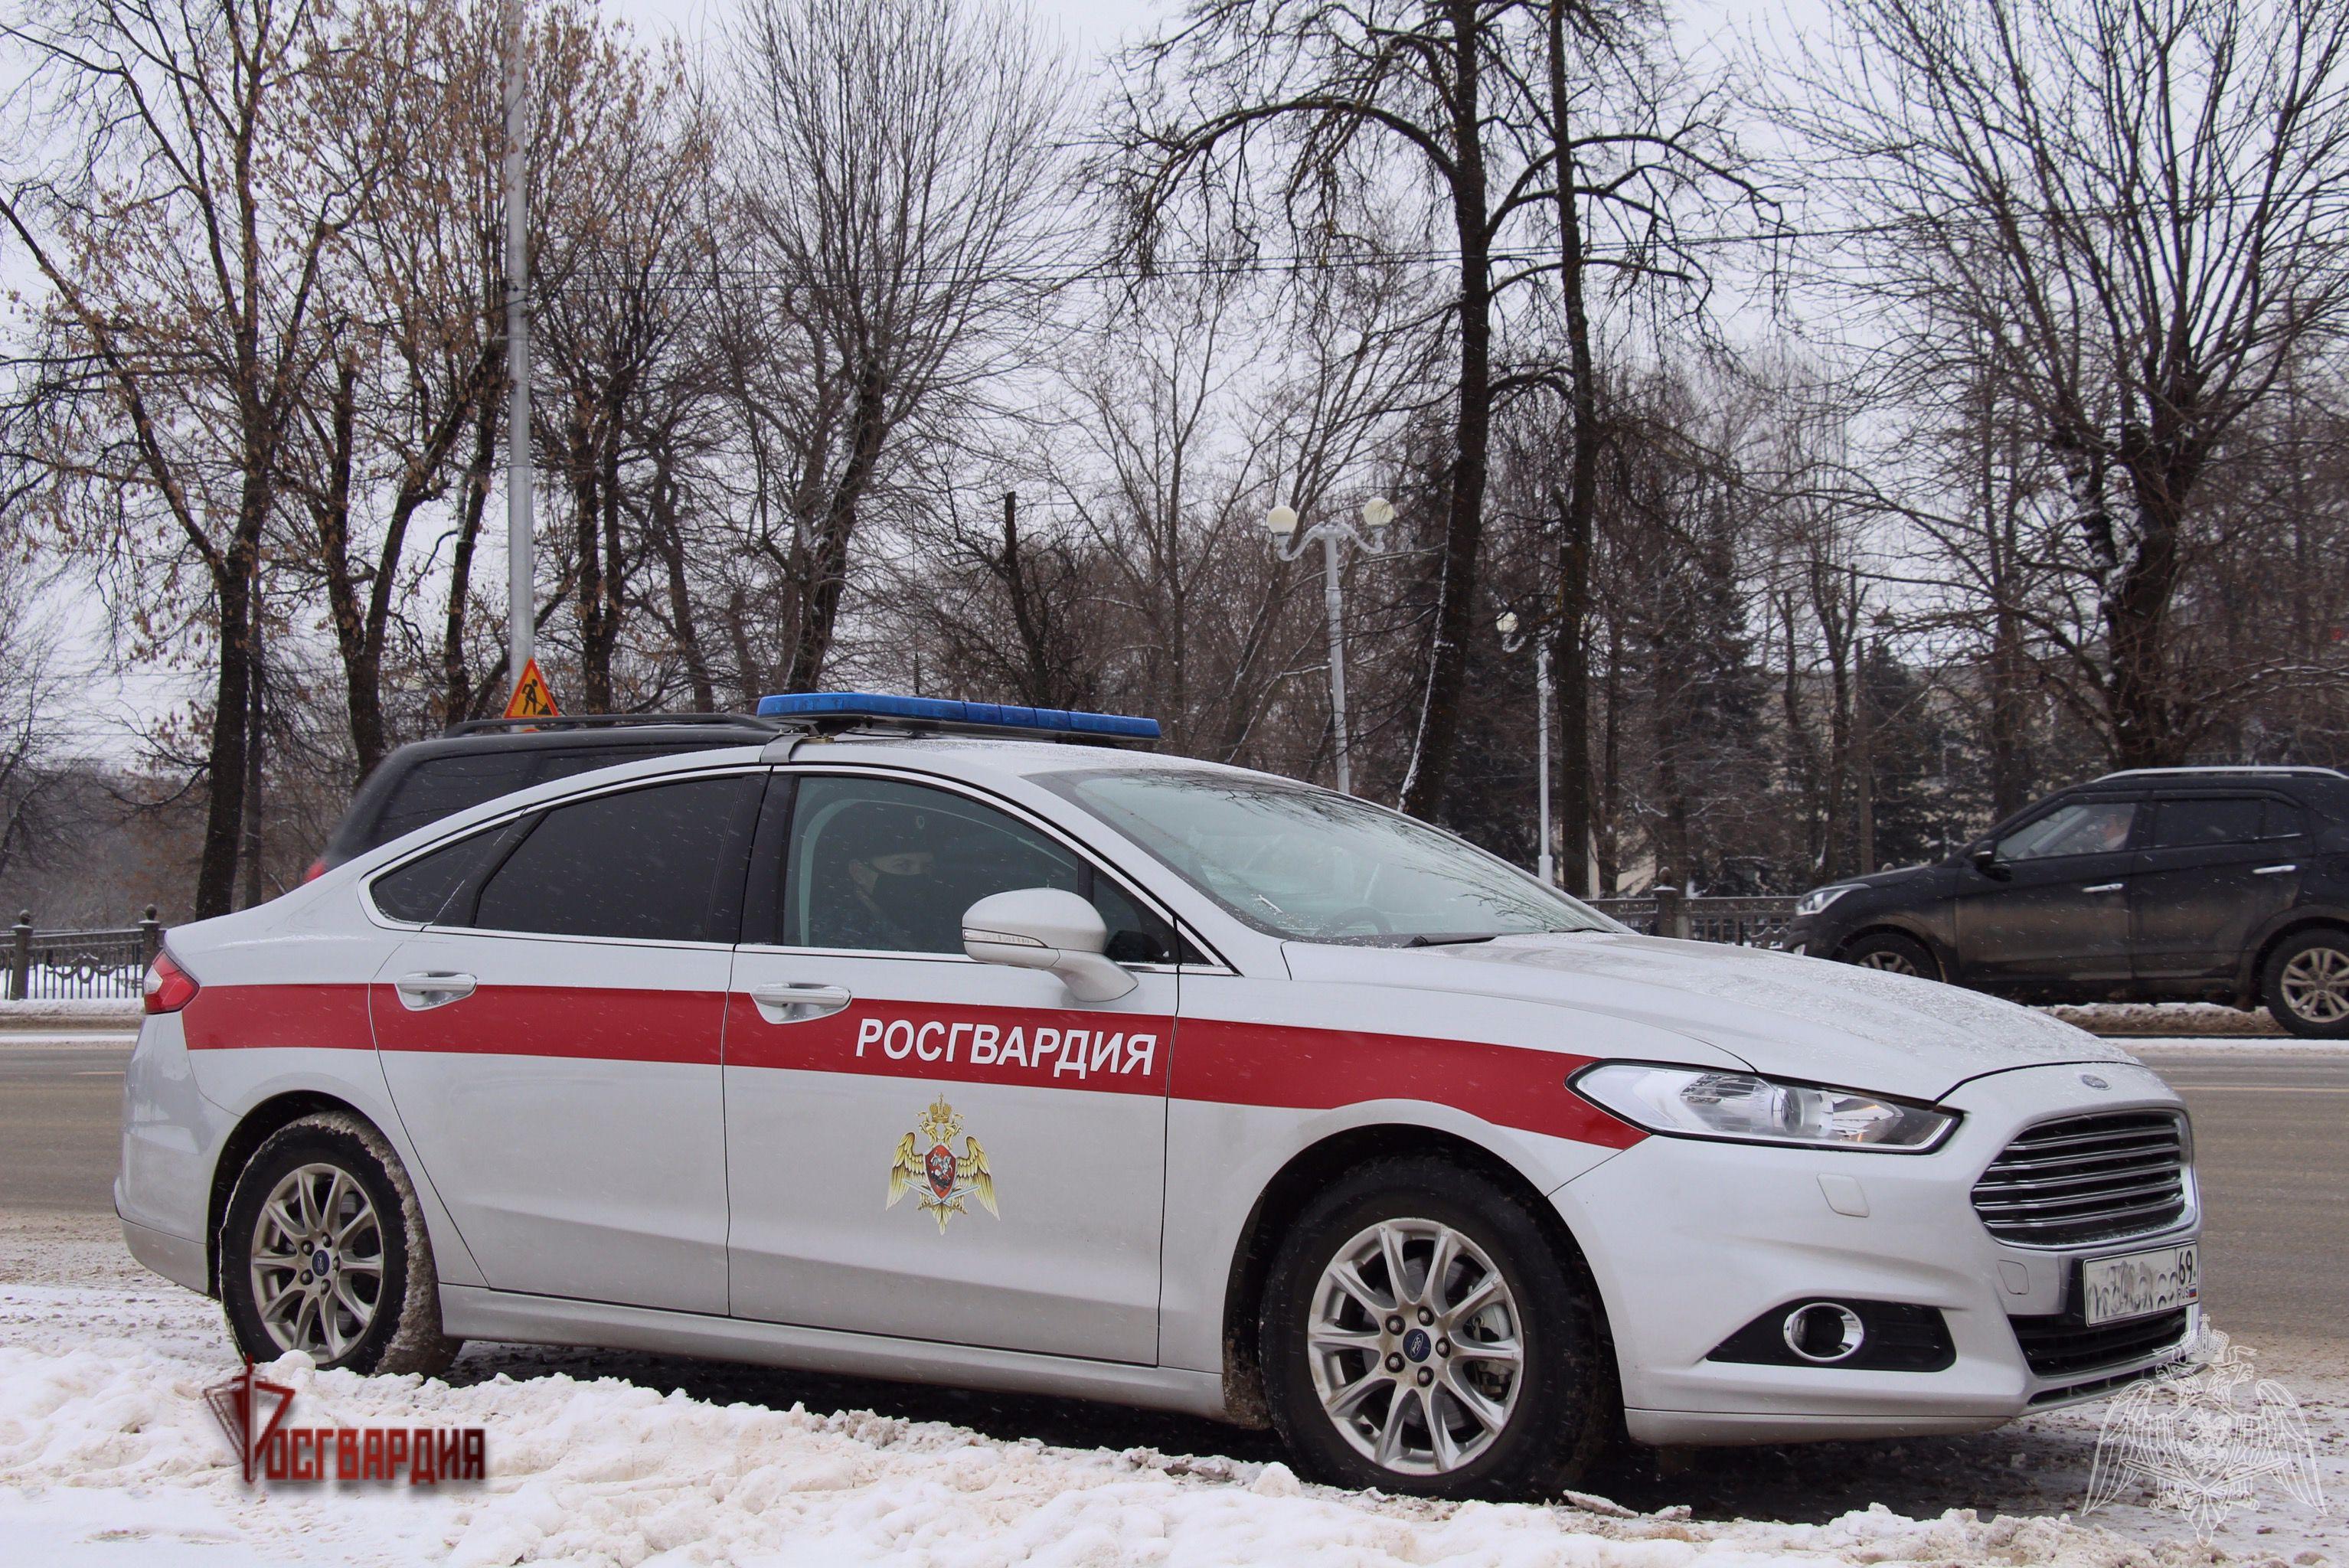 Сотрудники Росгвардии Тверской области подвели трудовые итоги за два месяца 2021 года